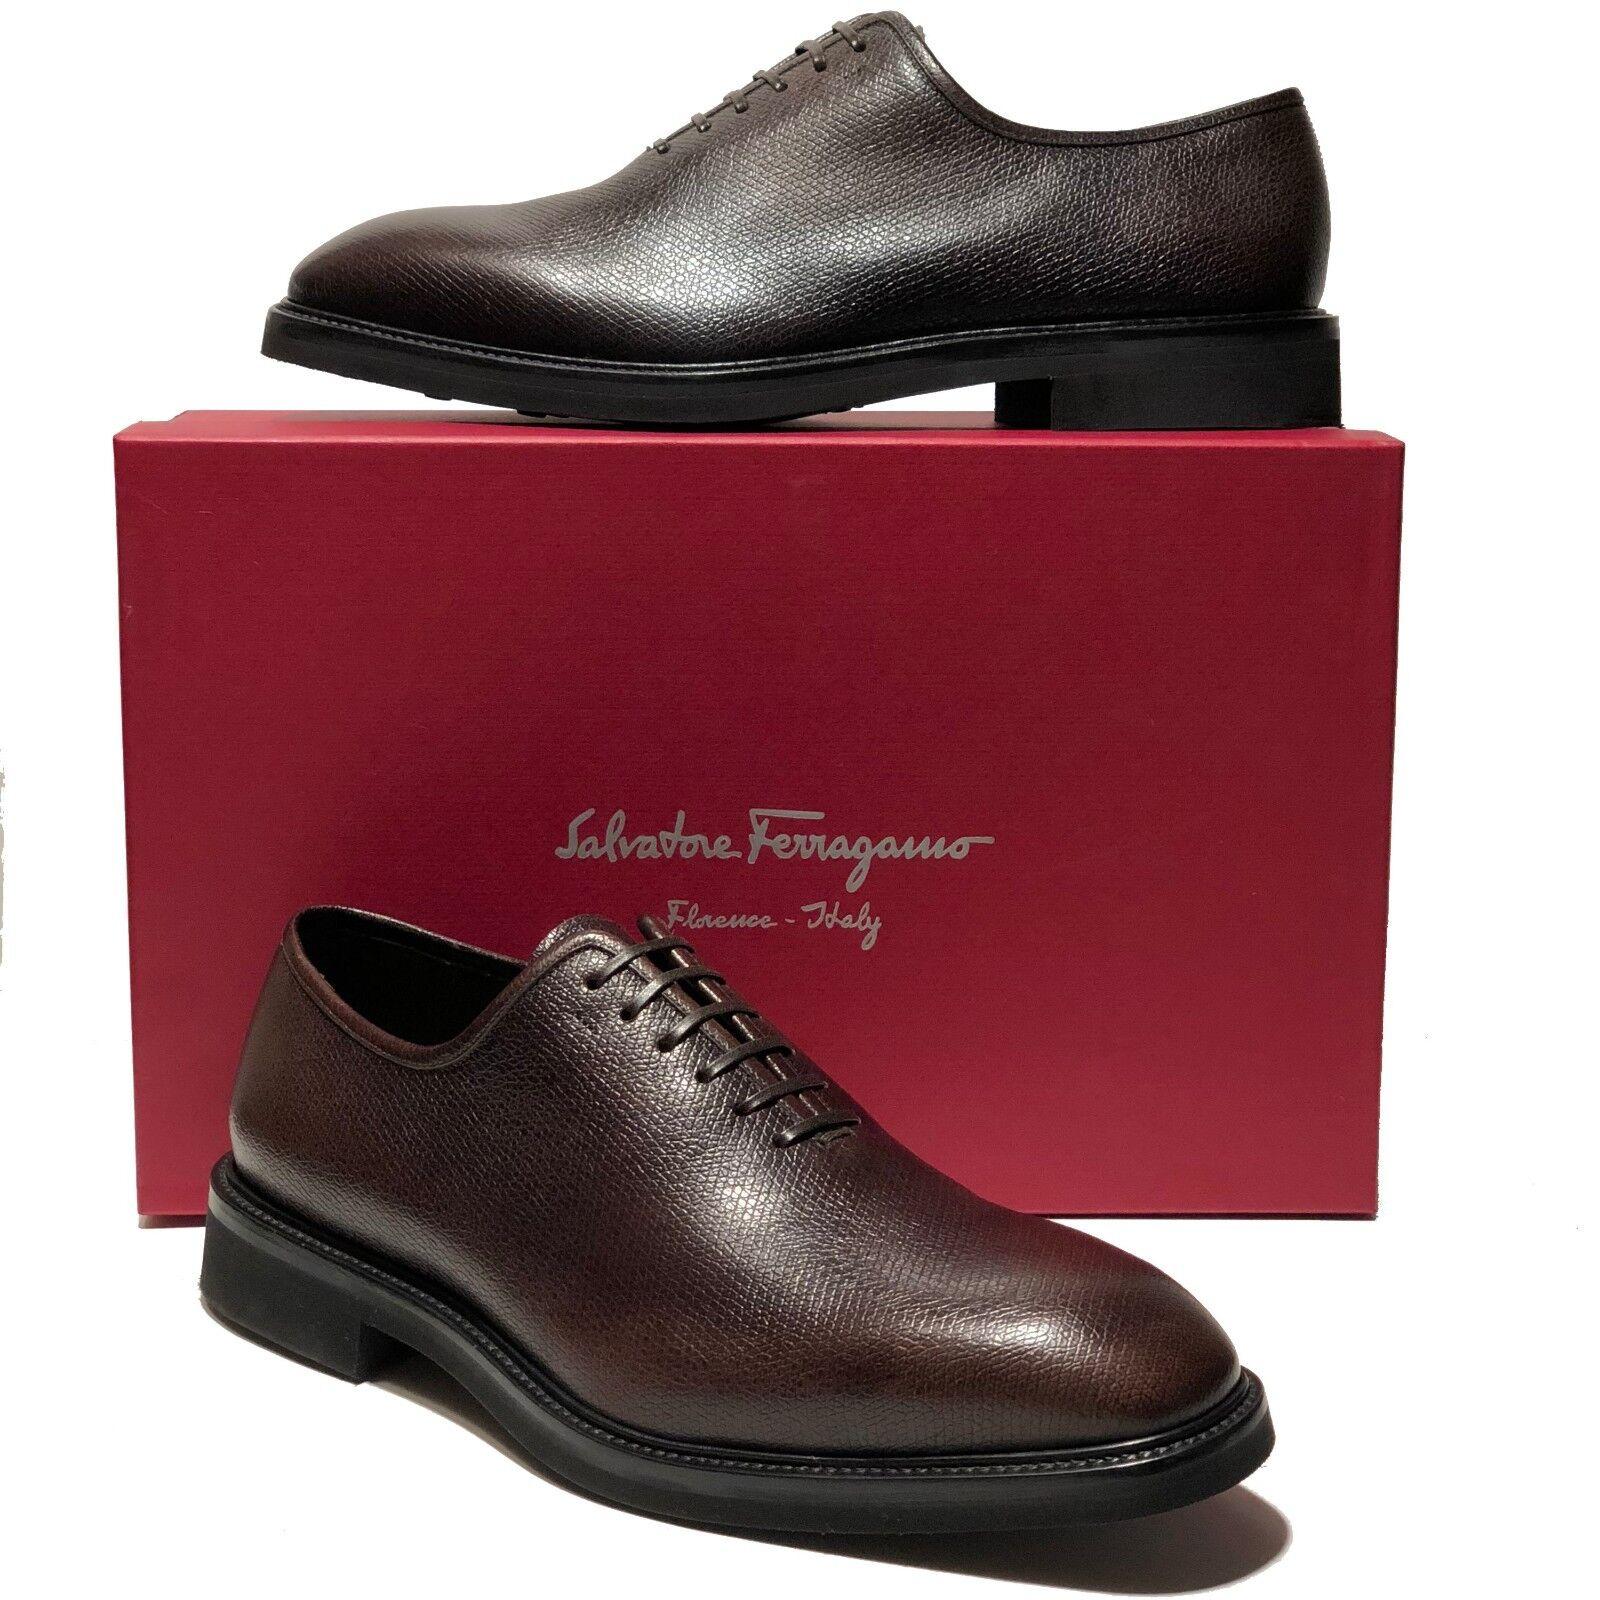 100% di contro garanzia genuina Ferragamo Marrone Marrone Marrone Pebbled Leather FILOSOFO Oxford Uomo Derby Dress scarpe Casual  vendita online